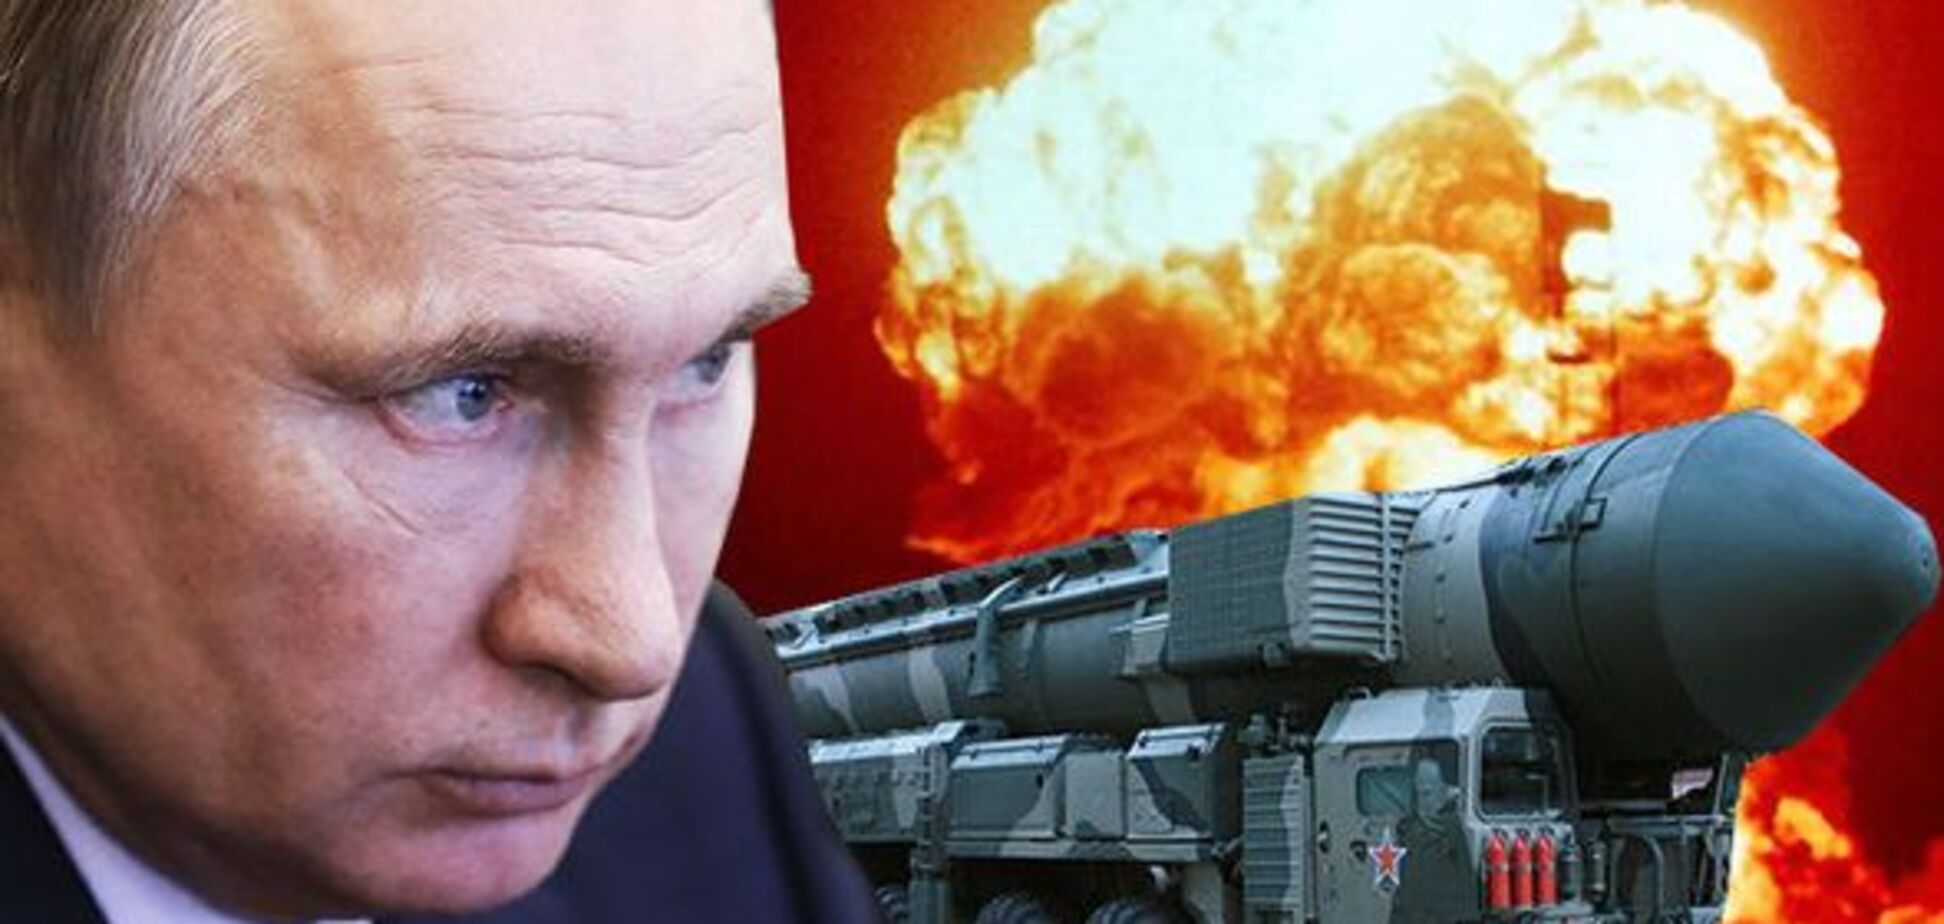 'Я погружу мир в ядерный хаос, а потом попаду в рай'